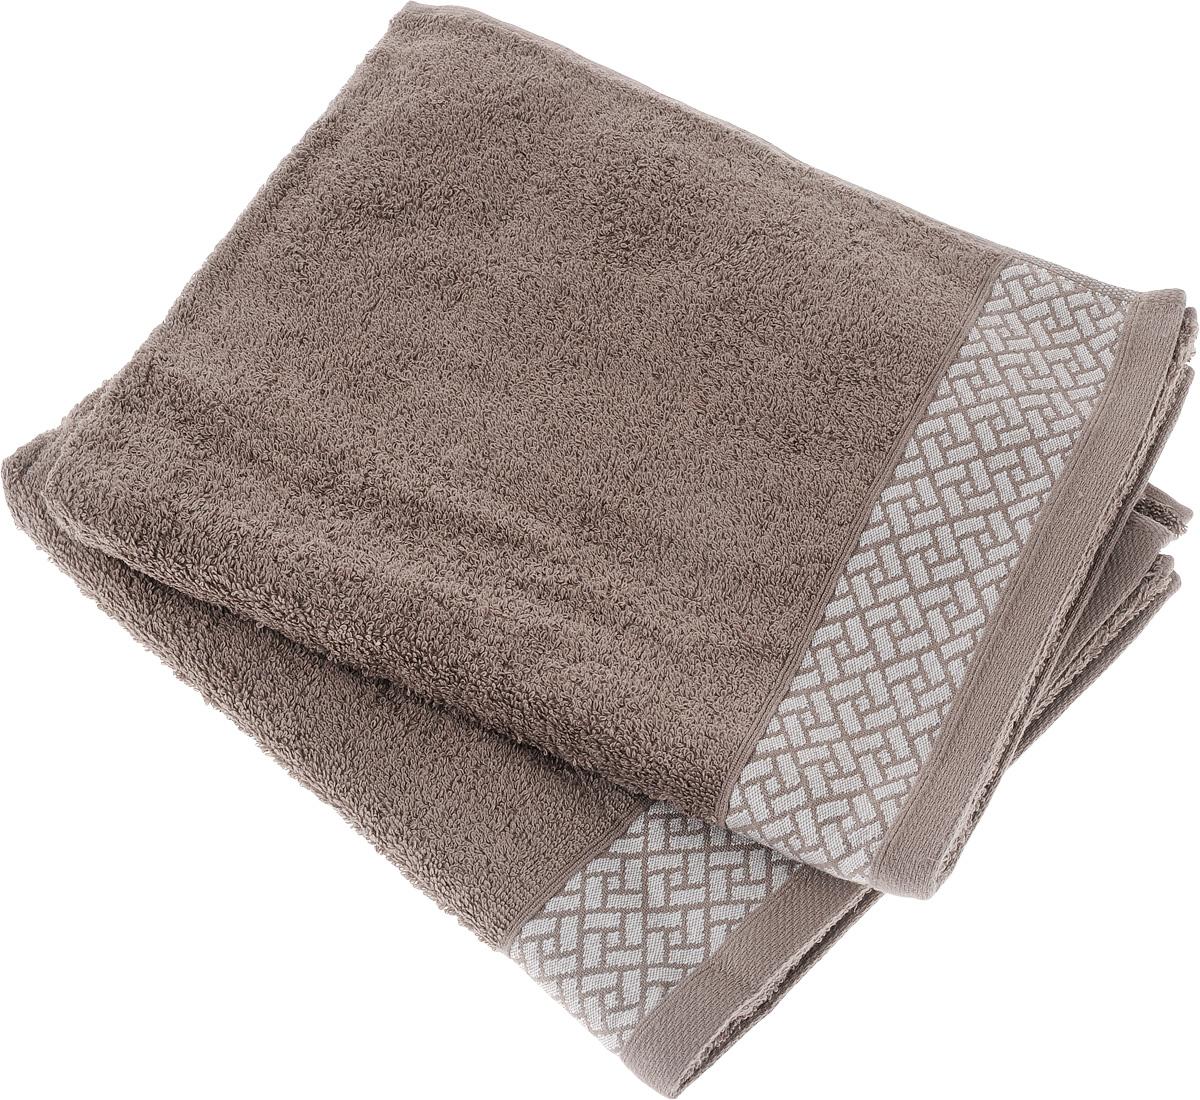 Набор полотенец Tete-a-Tete Лабиринт, цвет: кофе, 50 х 90 см, 2 шт. УП-00968/5/4Набор Tete-a-Tete Лабиринт состоит из двух махровых полотенец, выполненных из натурального 100% хлопка. Бордюр полотенец декорирован геометрическим узором. Изделия мягкие, отлично впитывают влагу, быстро сохнут, сохраняют яркость цвета и не теряют форму даже после многократных стирок. Полотенца Tete-a-Tete Лабиринт очень практичны и неприхотливы в уходе. Они легко впишутся в любой интерьер благодаря своей нежной цветовой гамме.Размер полотенца: 50 х 90 см.